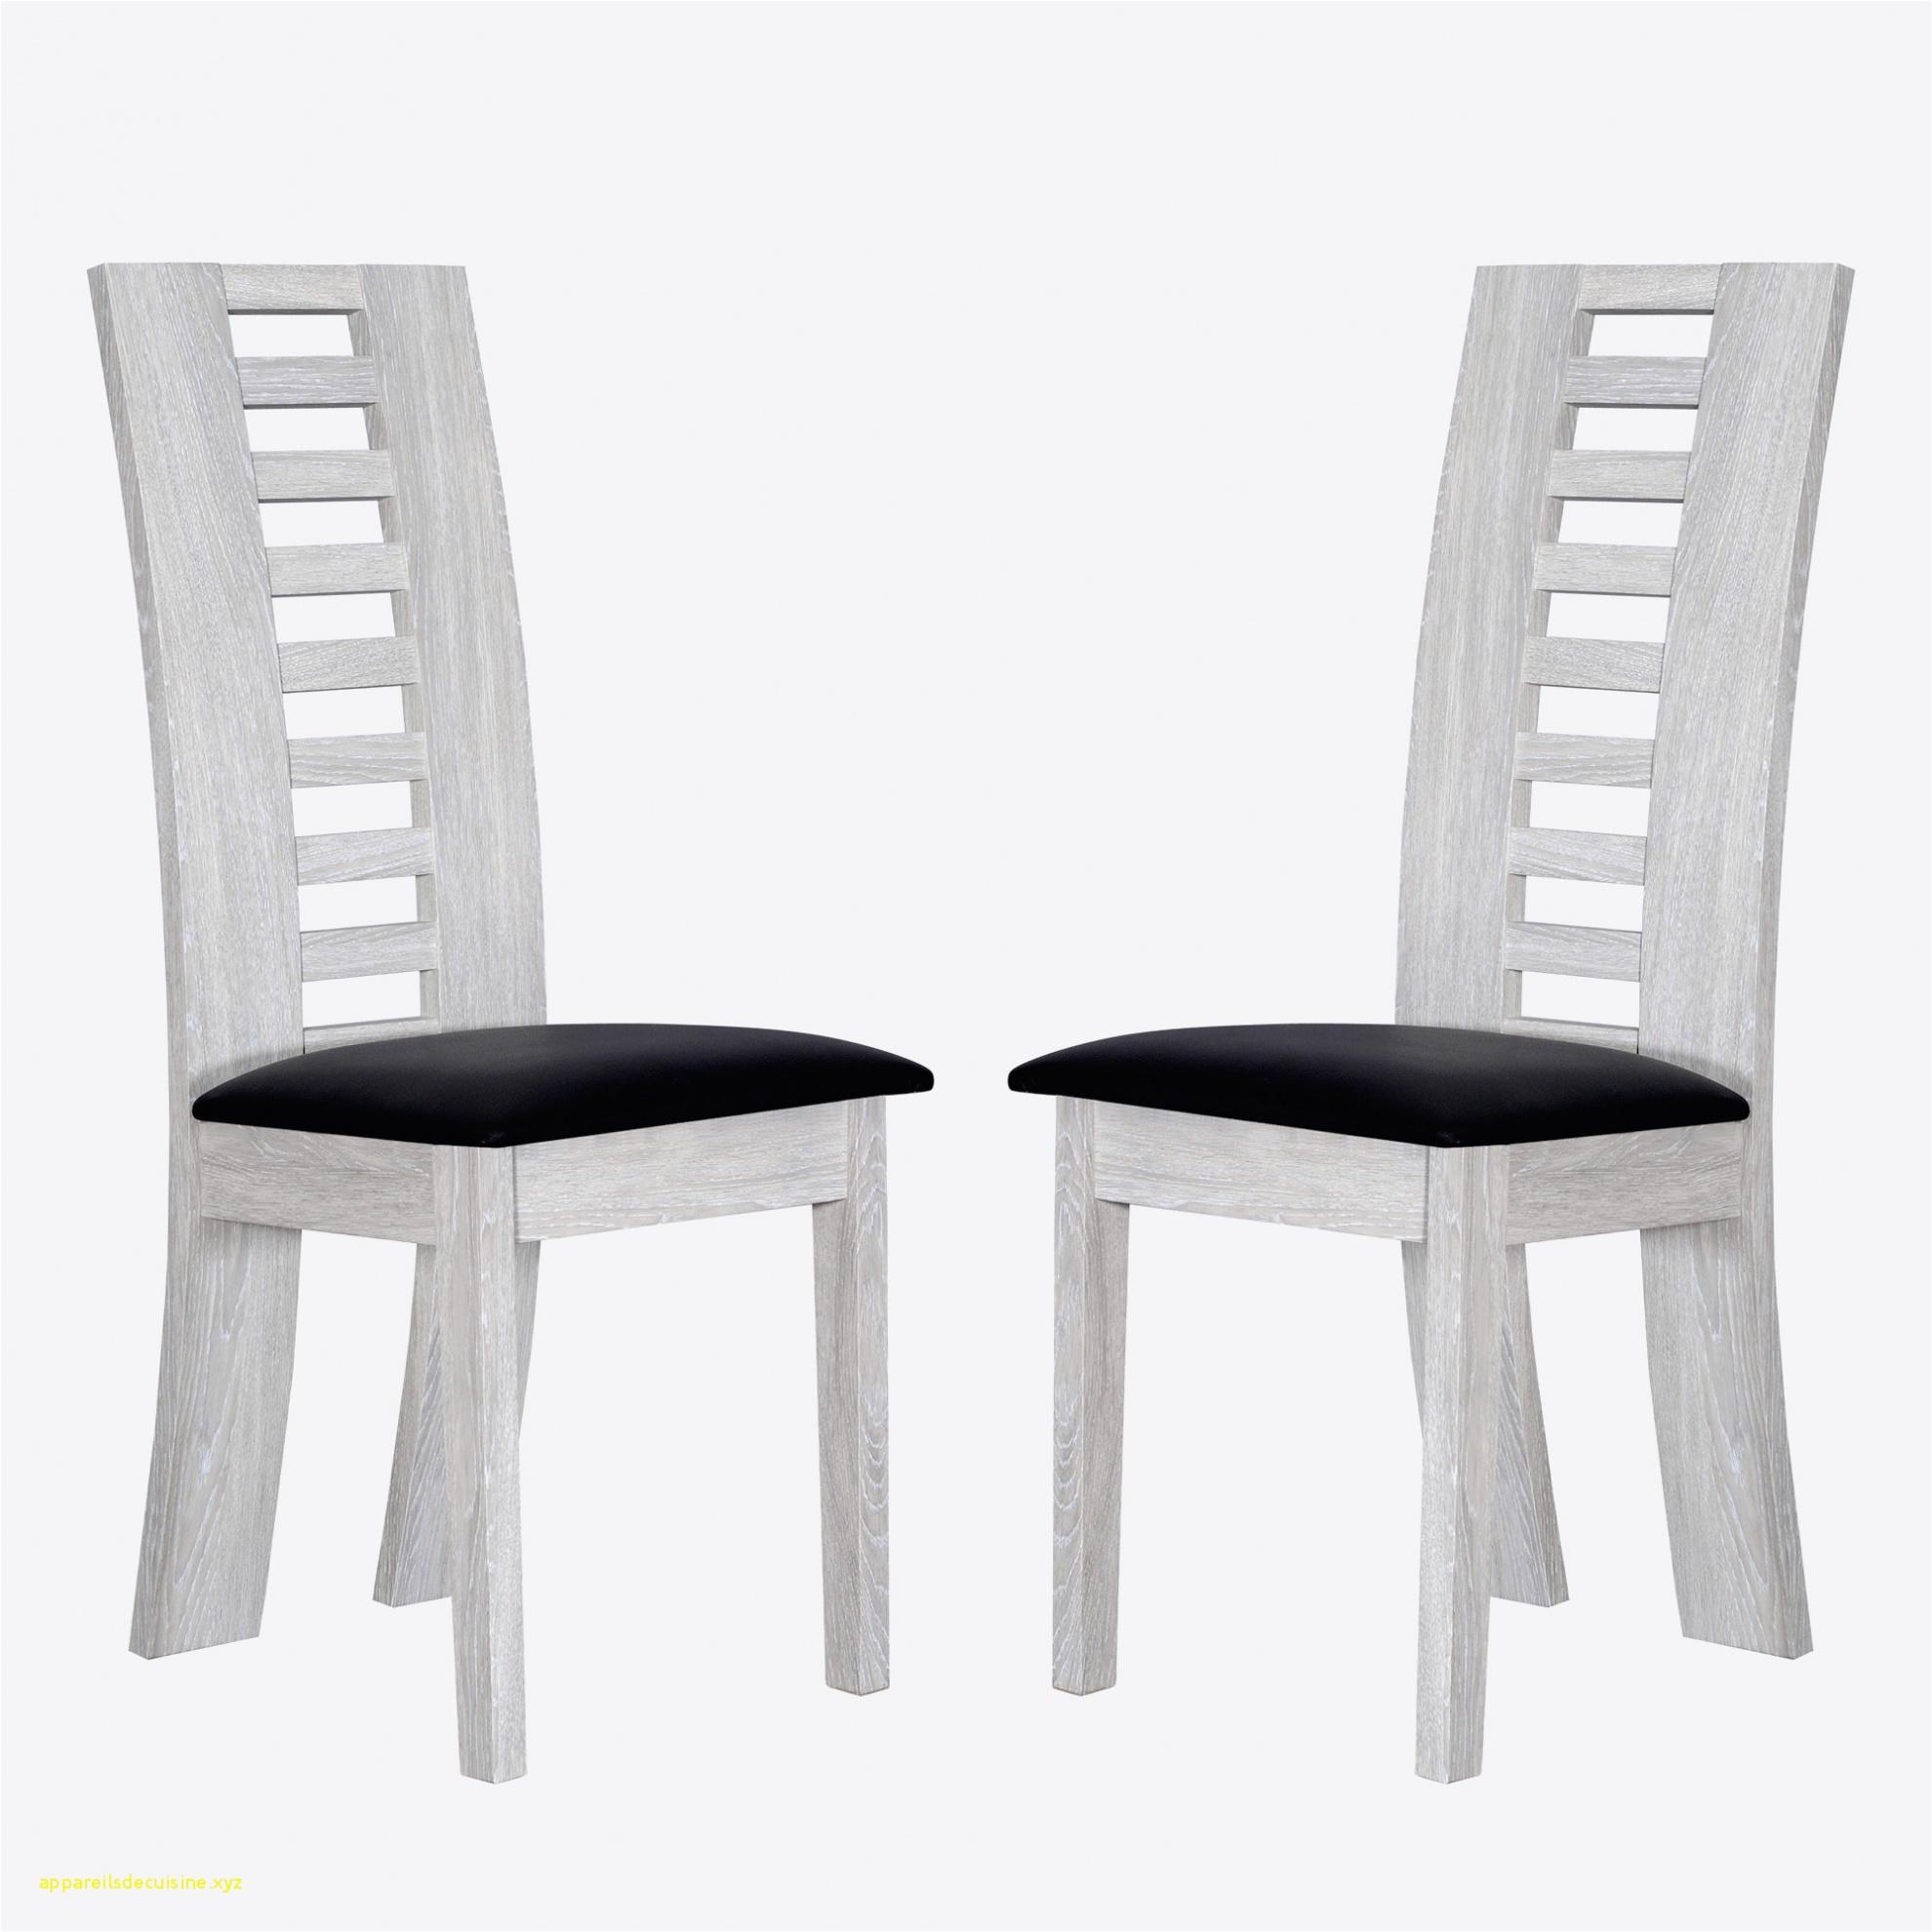 chaise scandinave plexi charmant chaise de bistrot table chaise scandinave chaises tulipe 0d archives of chaise scandinave plexi